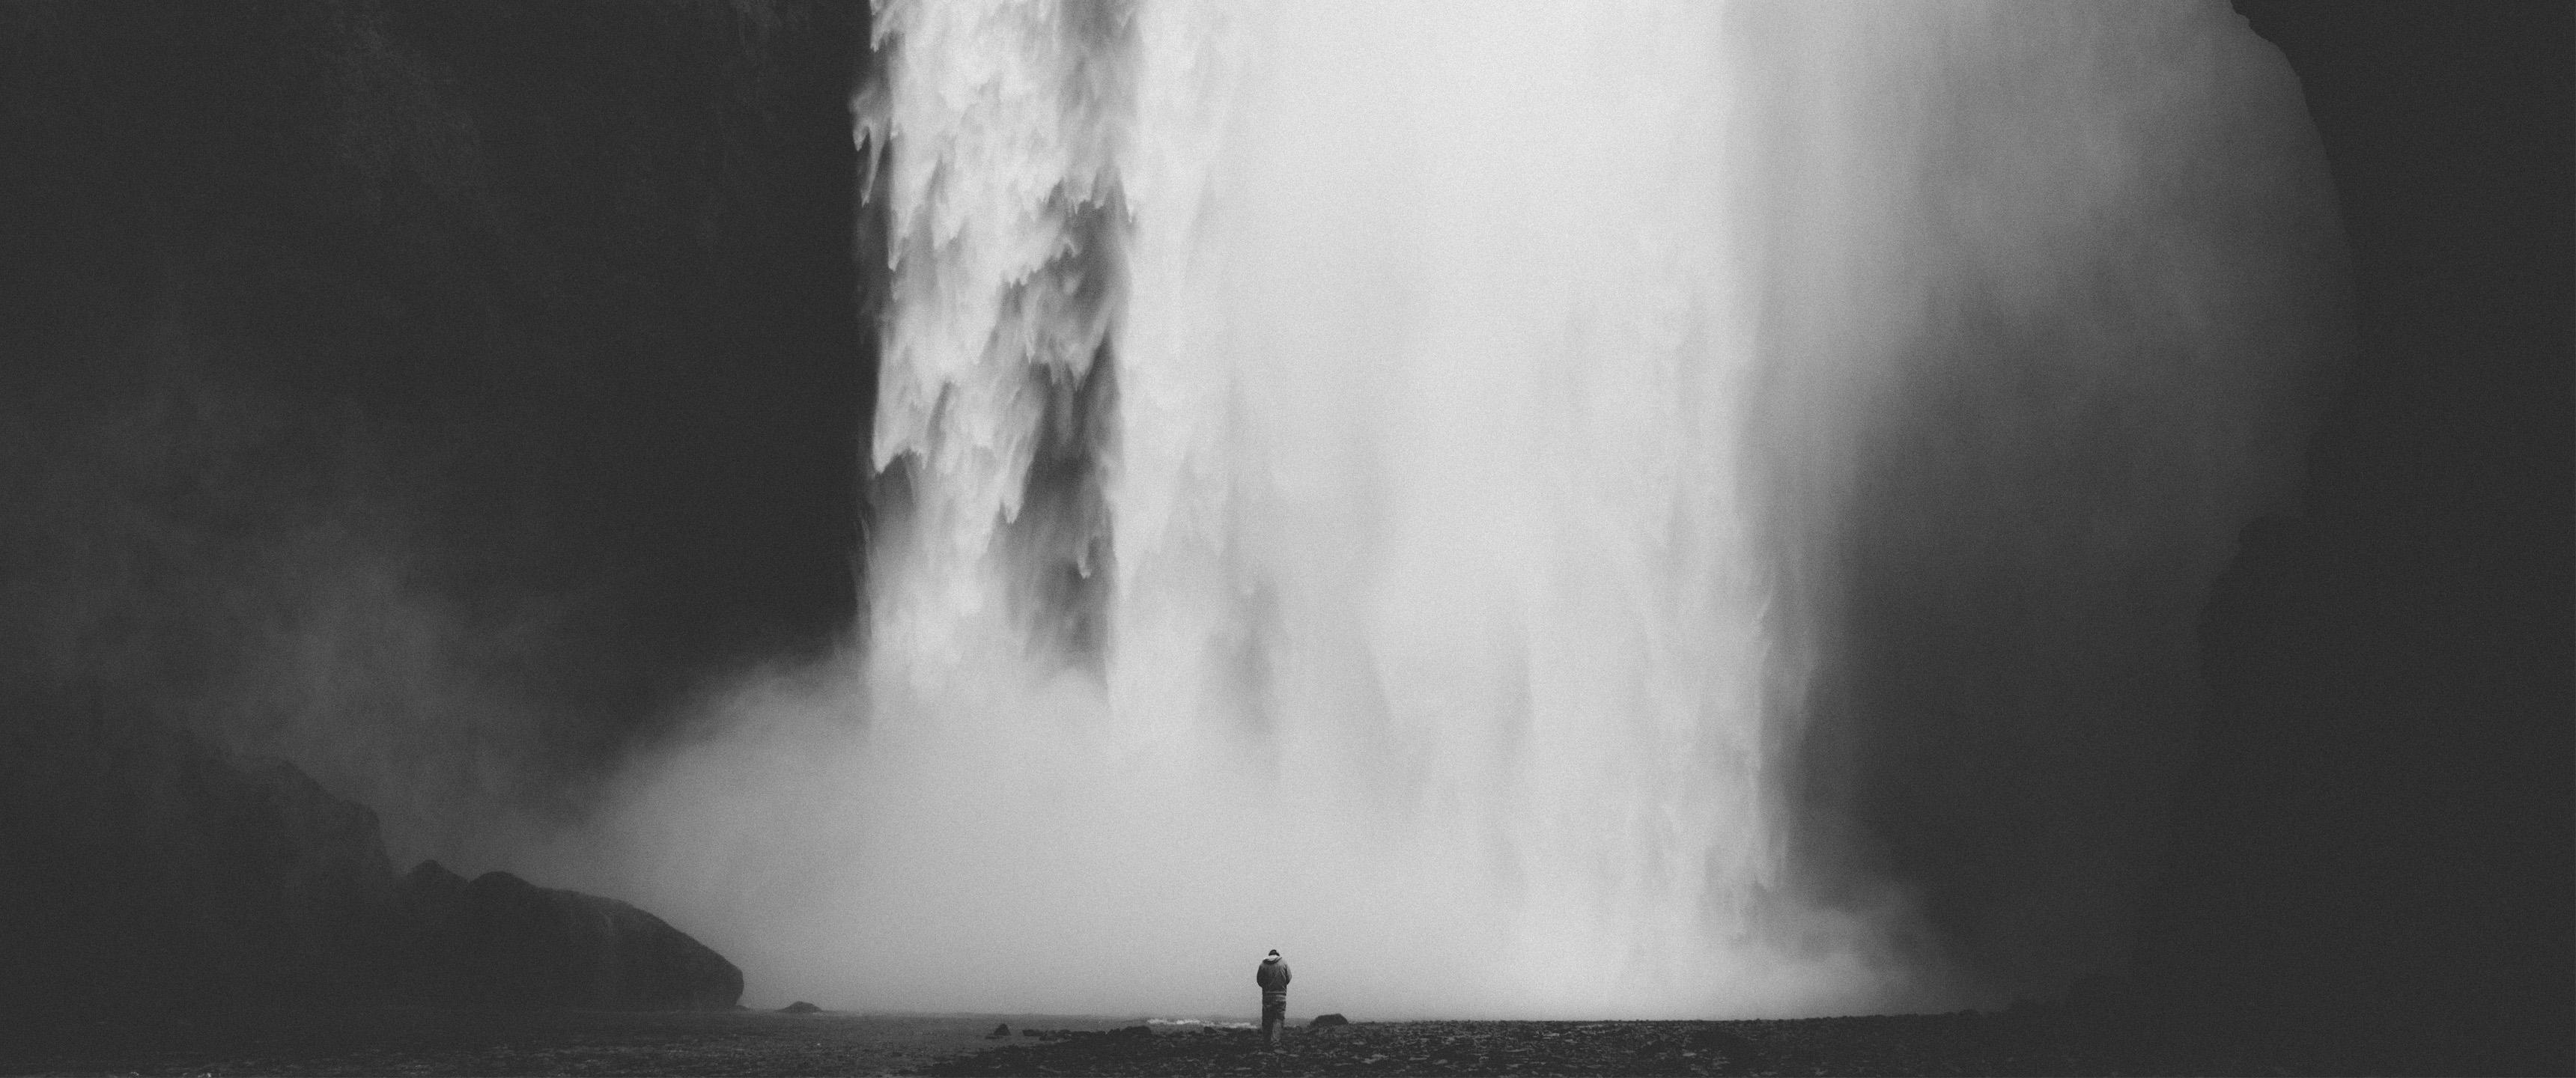 壁纸 风景 旅游 瀑布 山水 桌面 3440_1440